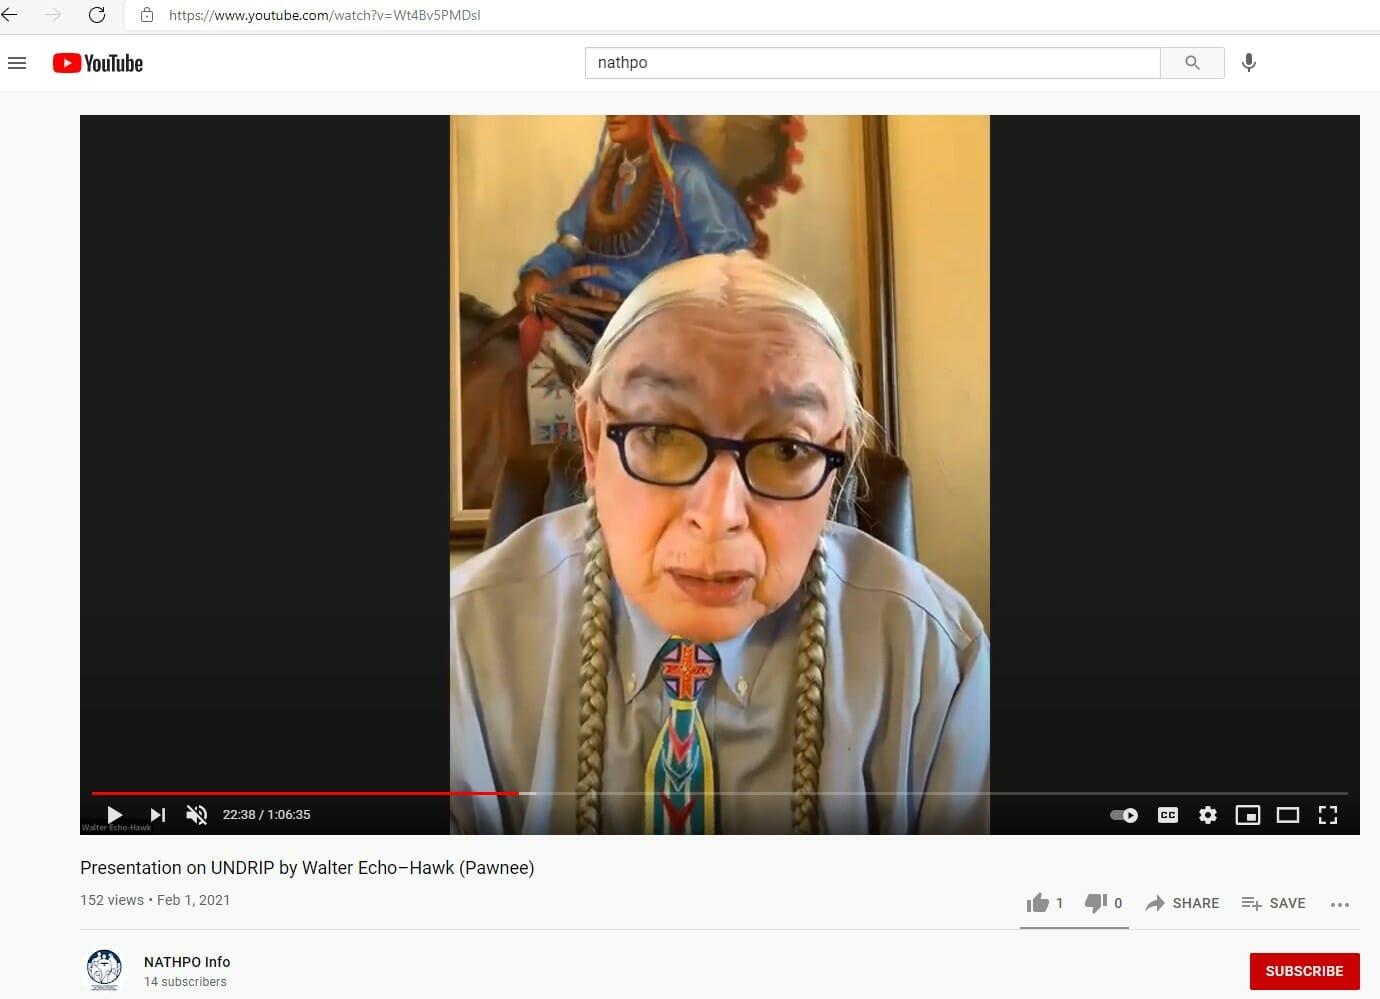 UNDRIP Presentation: Walter Echo-Hawk